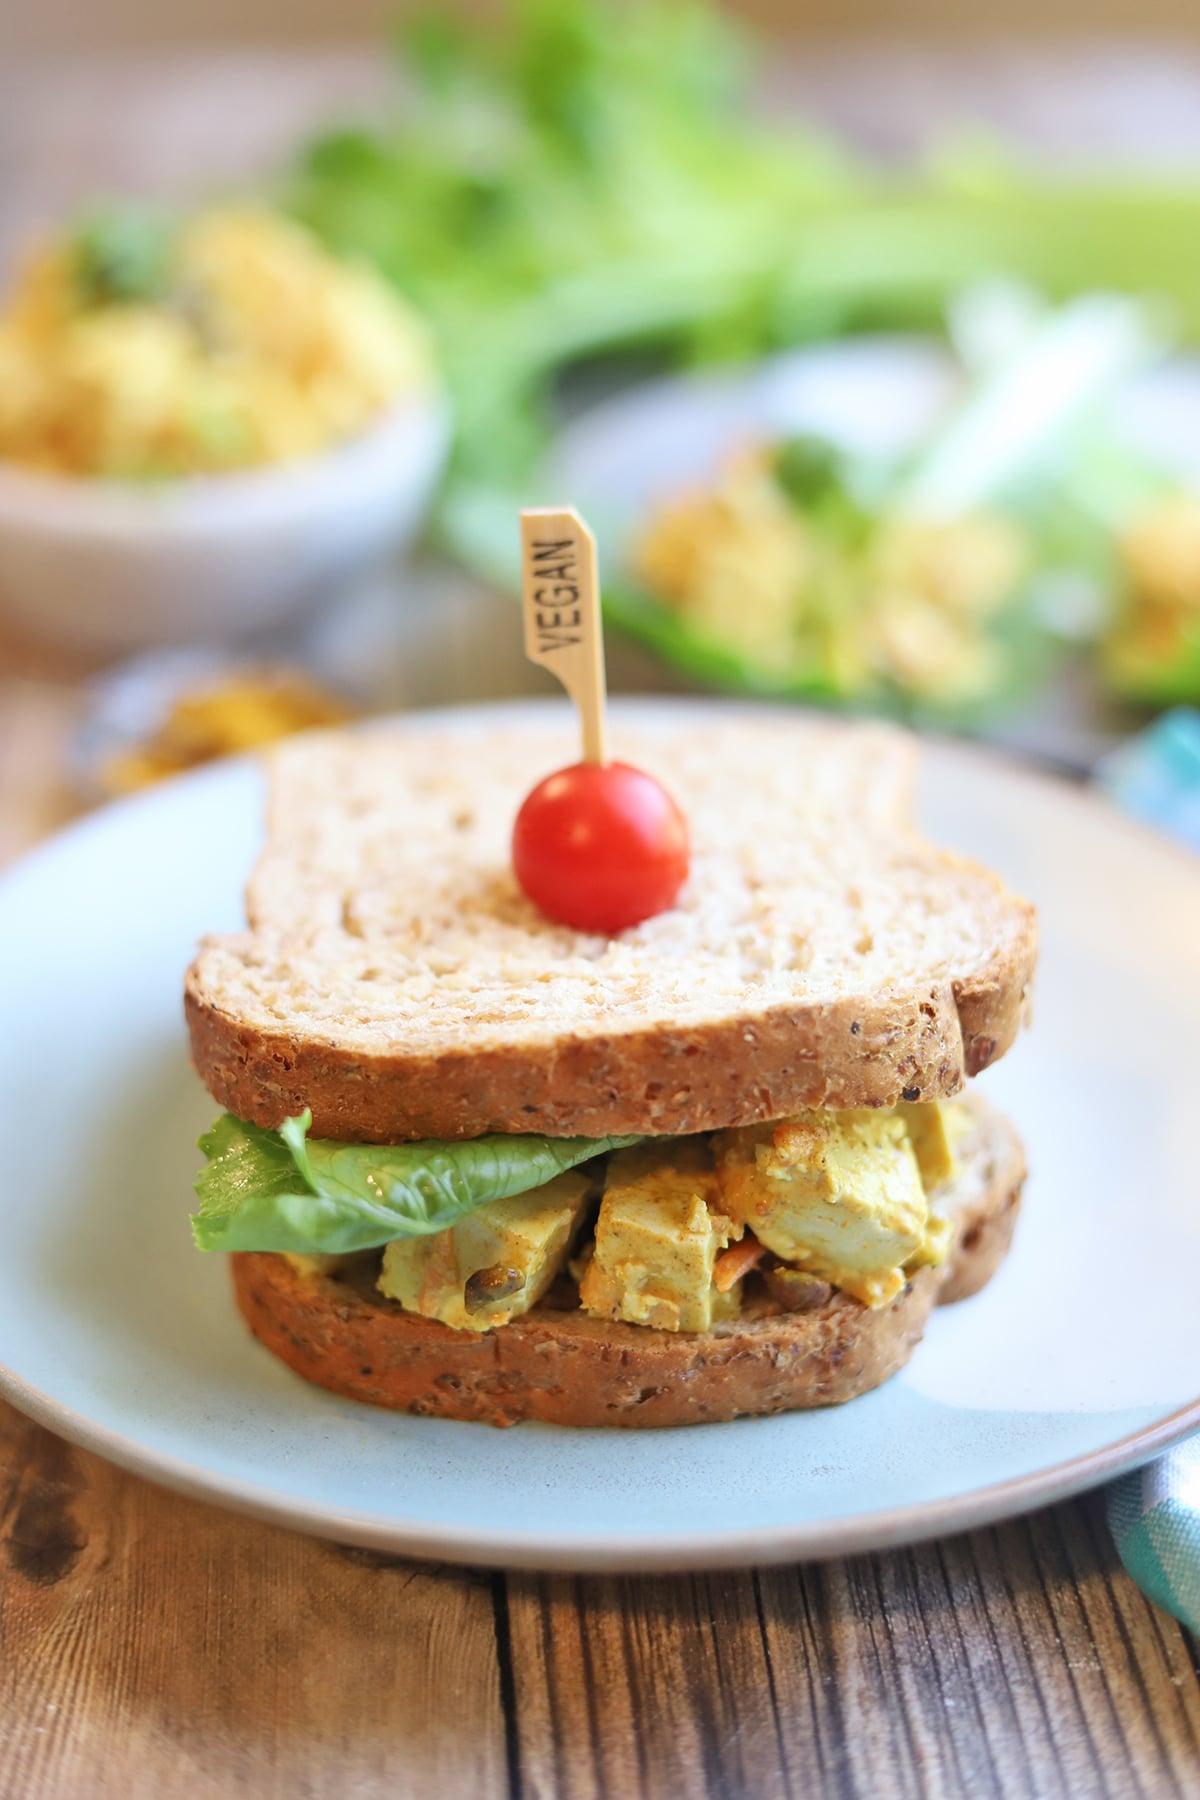 Sandwich on plate.